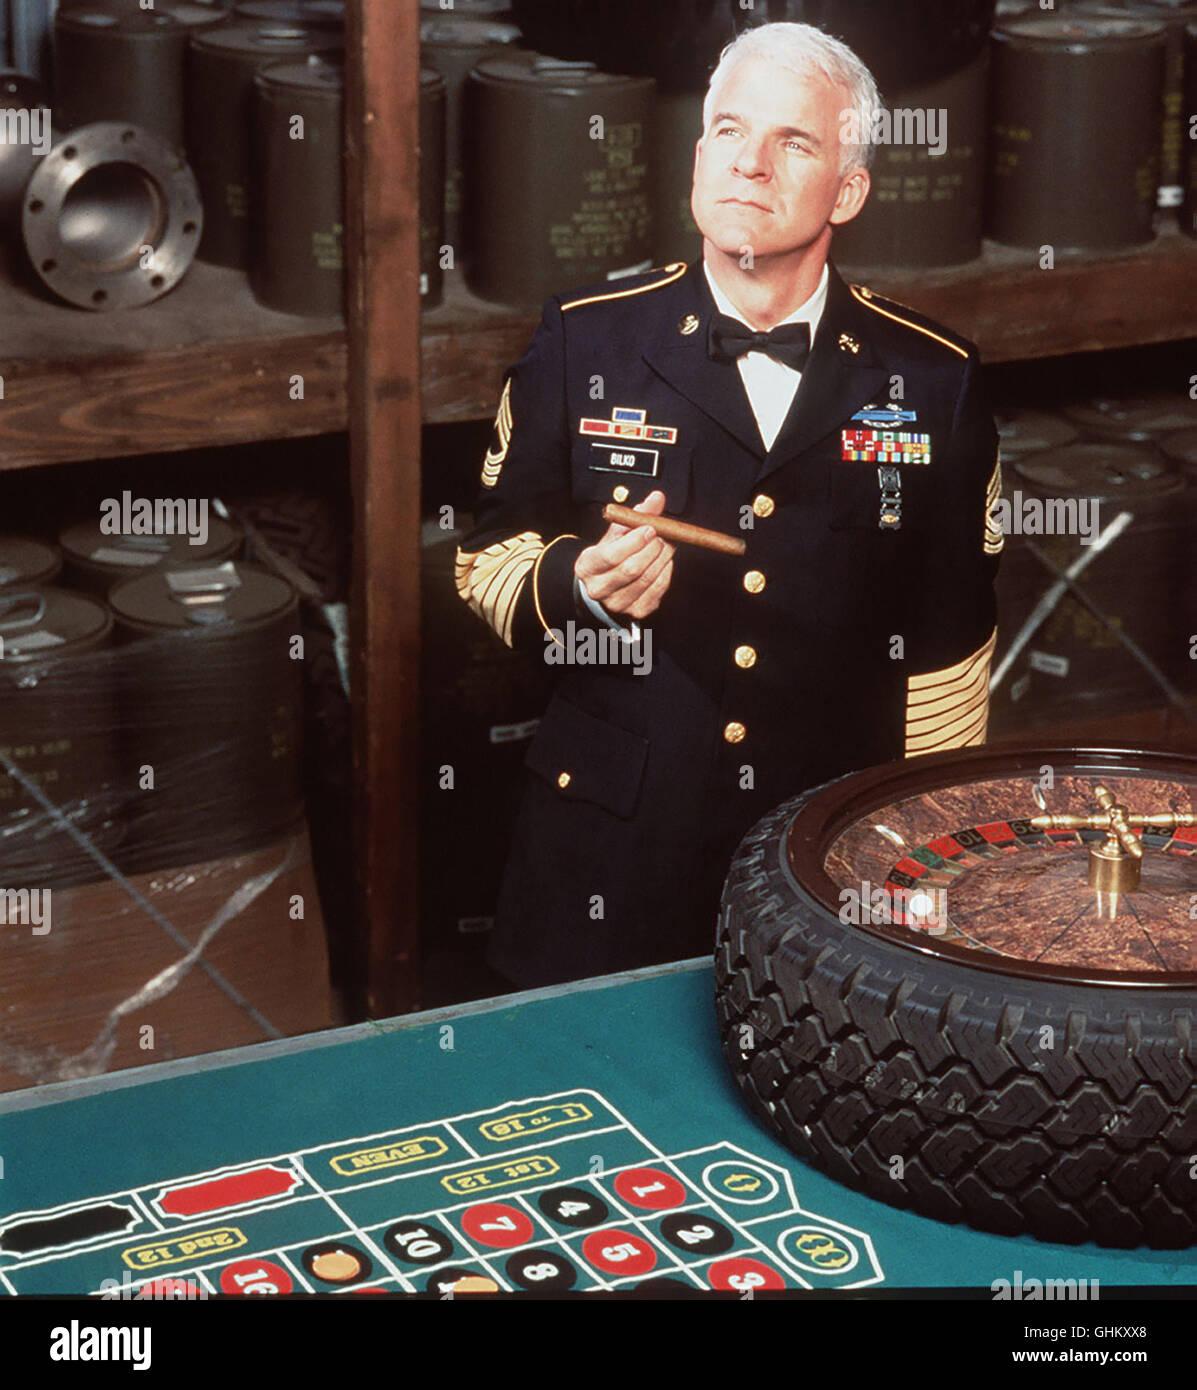 Der überaus geschäfts-tüchtige Sgt. Bilko (STEVE MARTIN) hat aus einem US-Militärstützpunkt - Stock Image